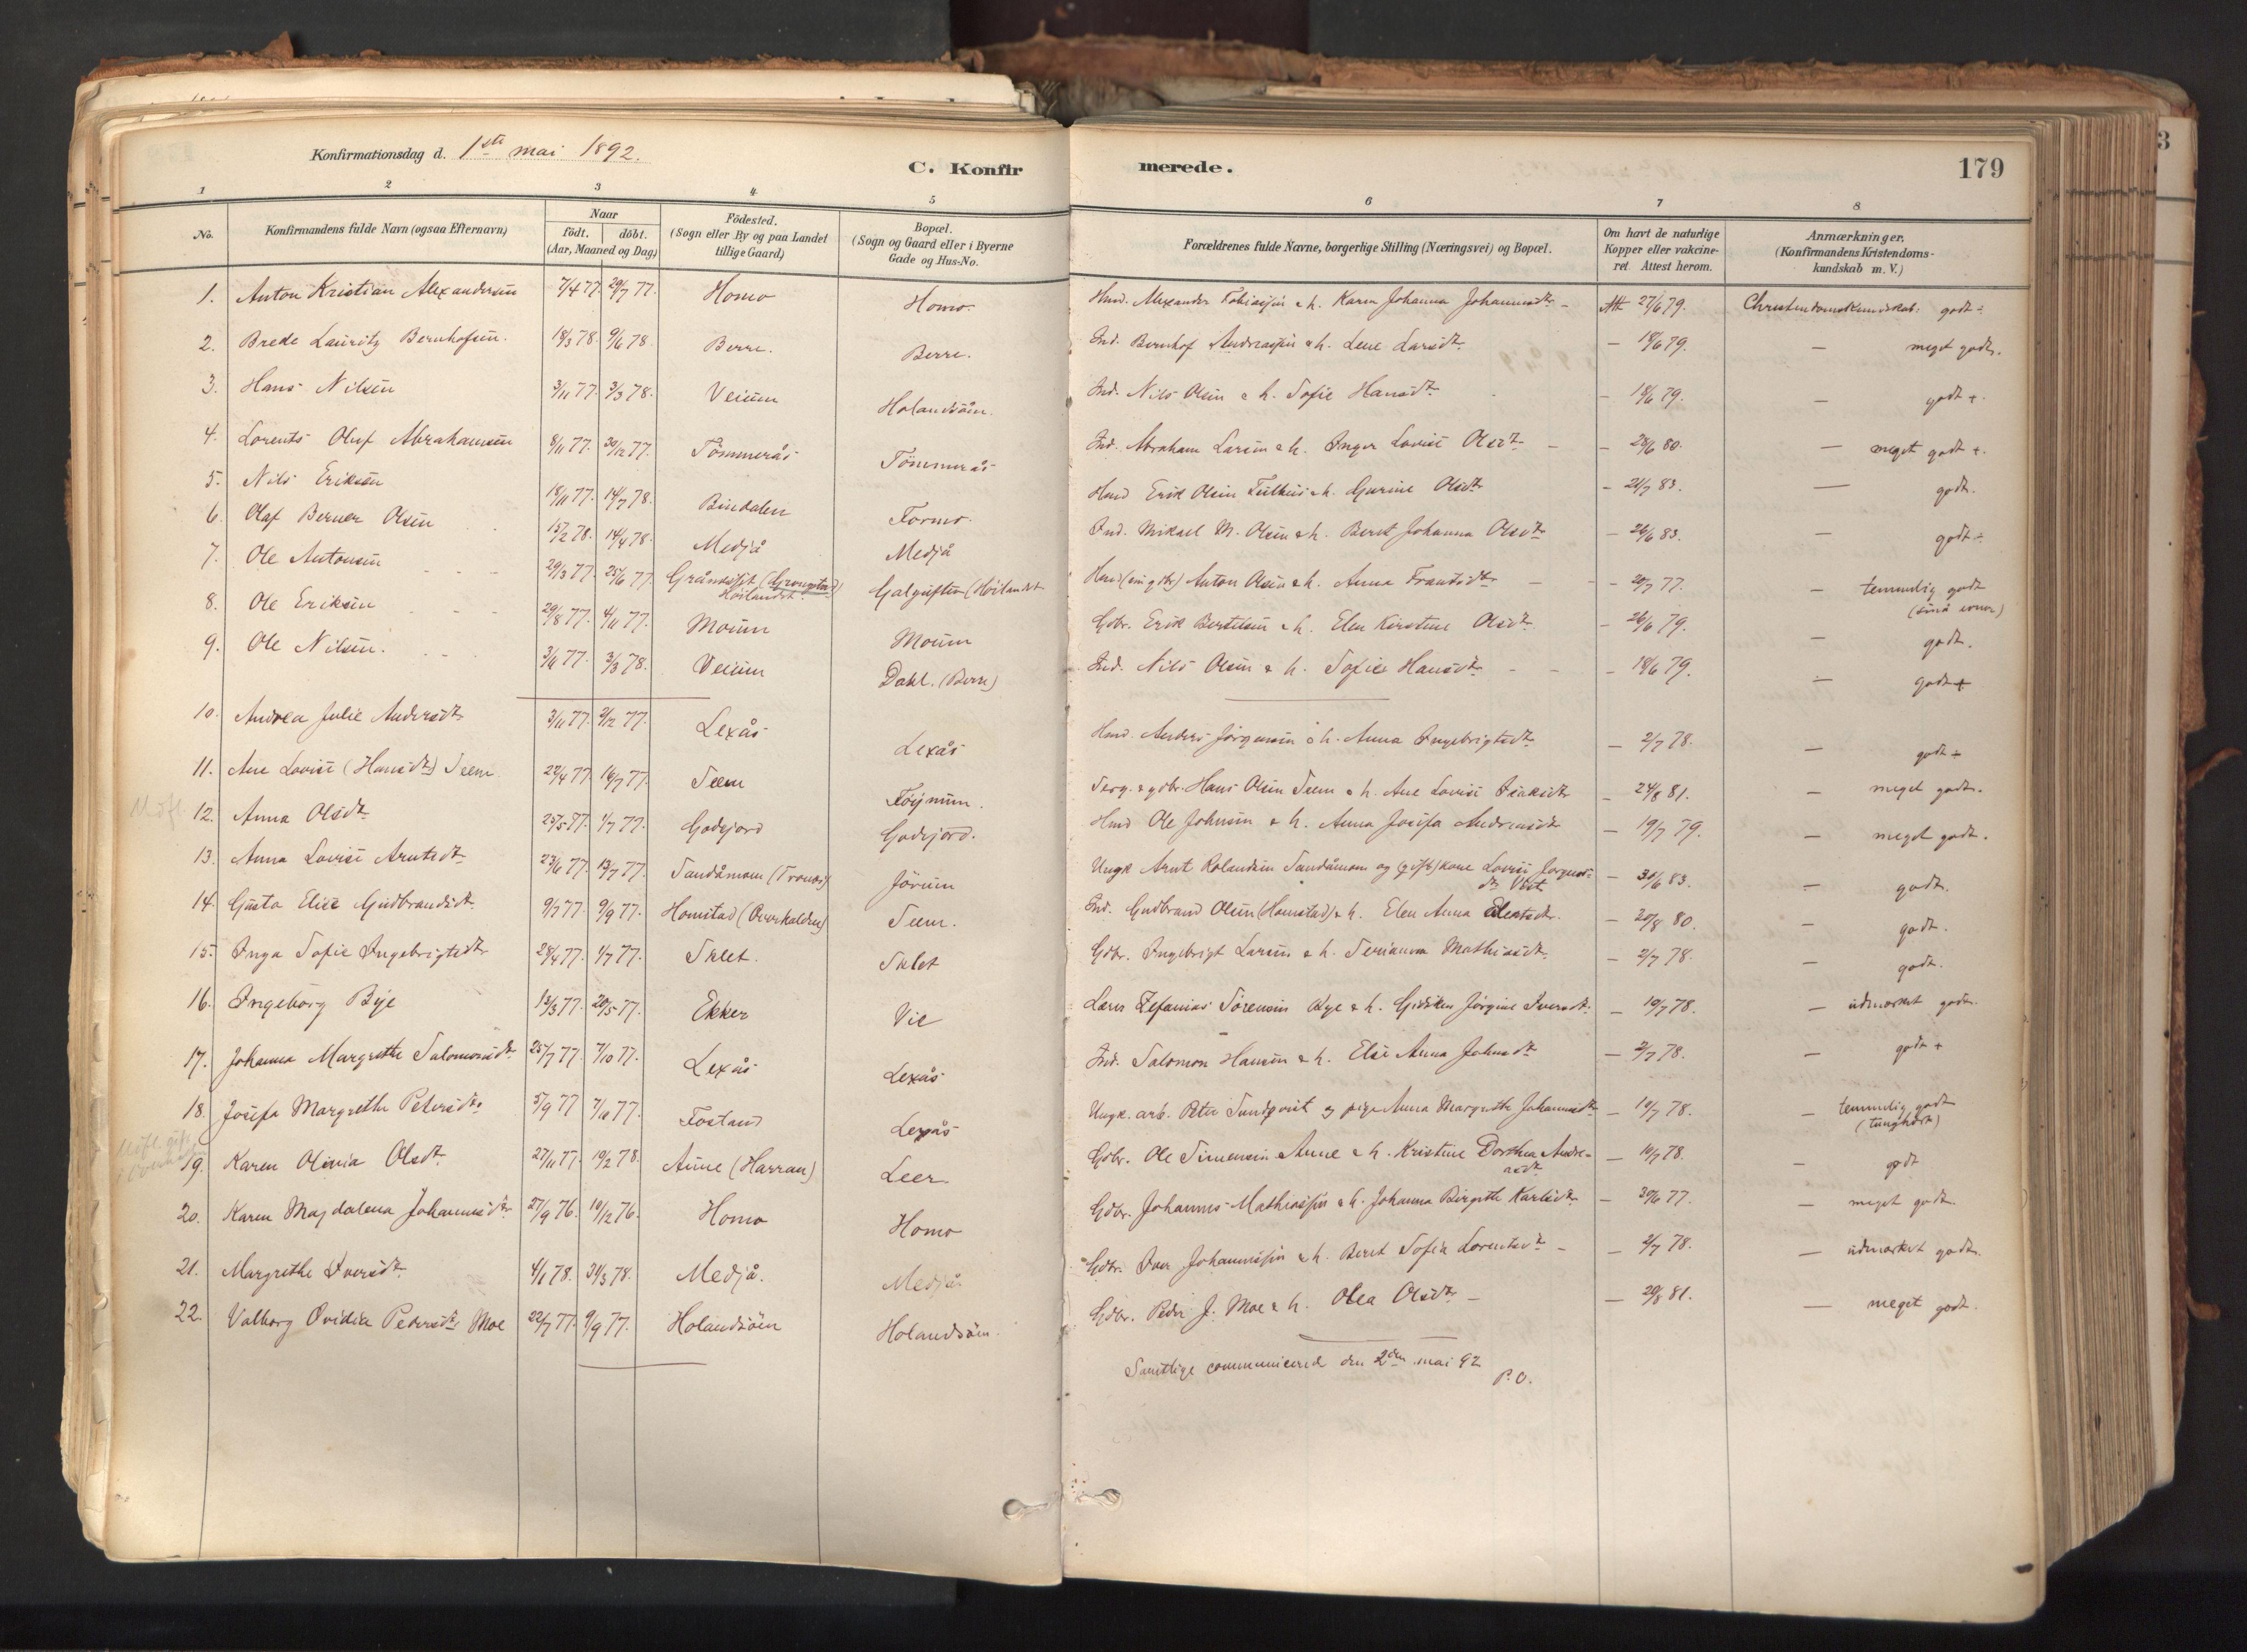 SAT, Ministerialprotokoller, klokkerbøker og fødselsregistre - Nord-Trøndelag, 758/L0519: Ministerialbok nr. 758A04, 1880-1926, s. 179